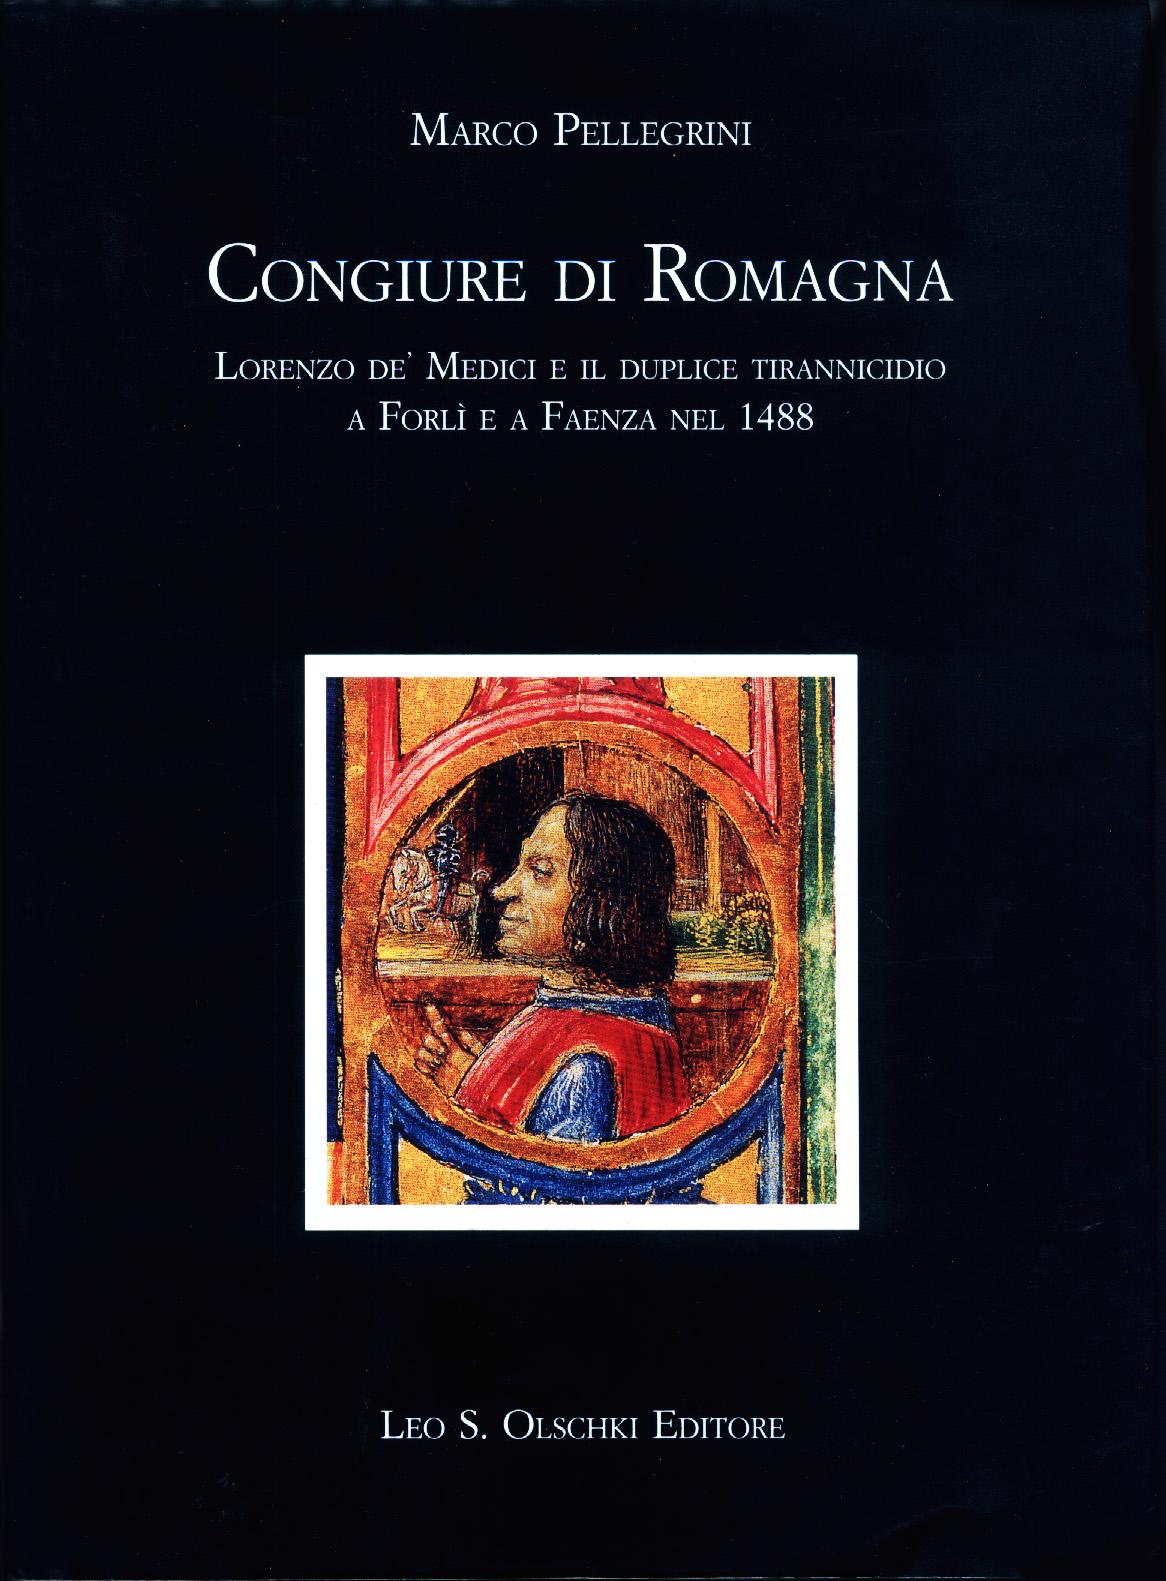 Congiure di Romagna